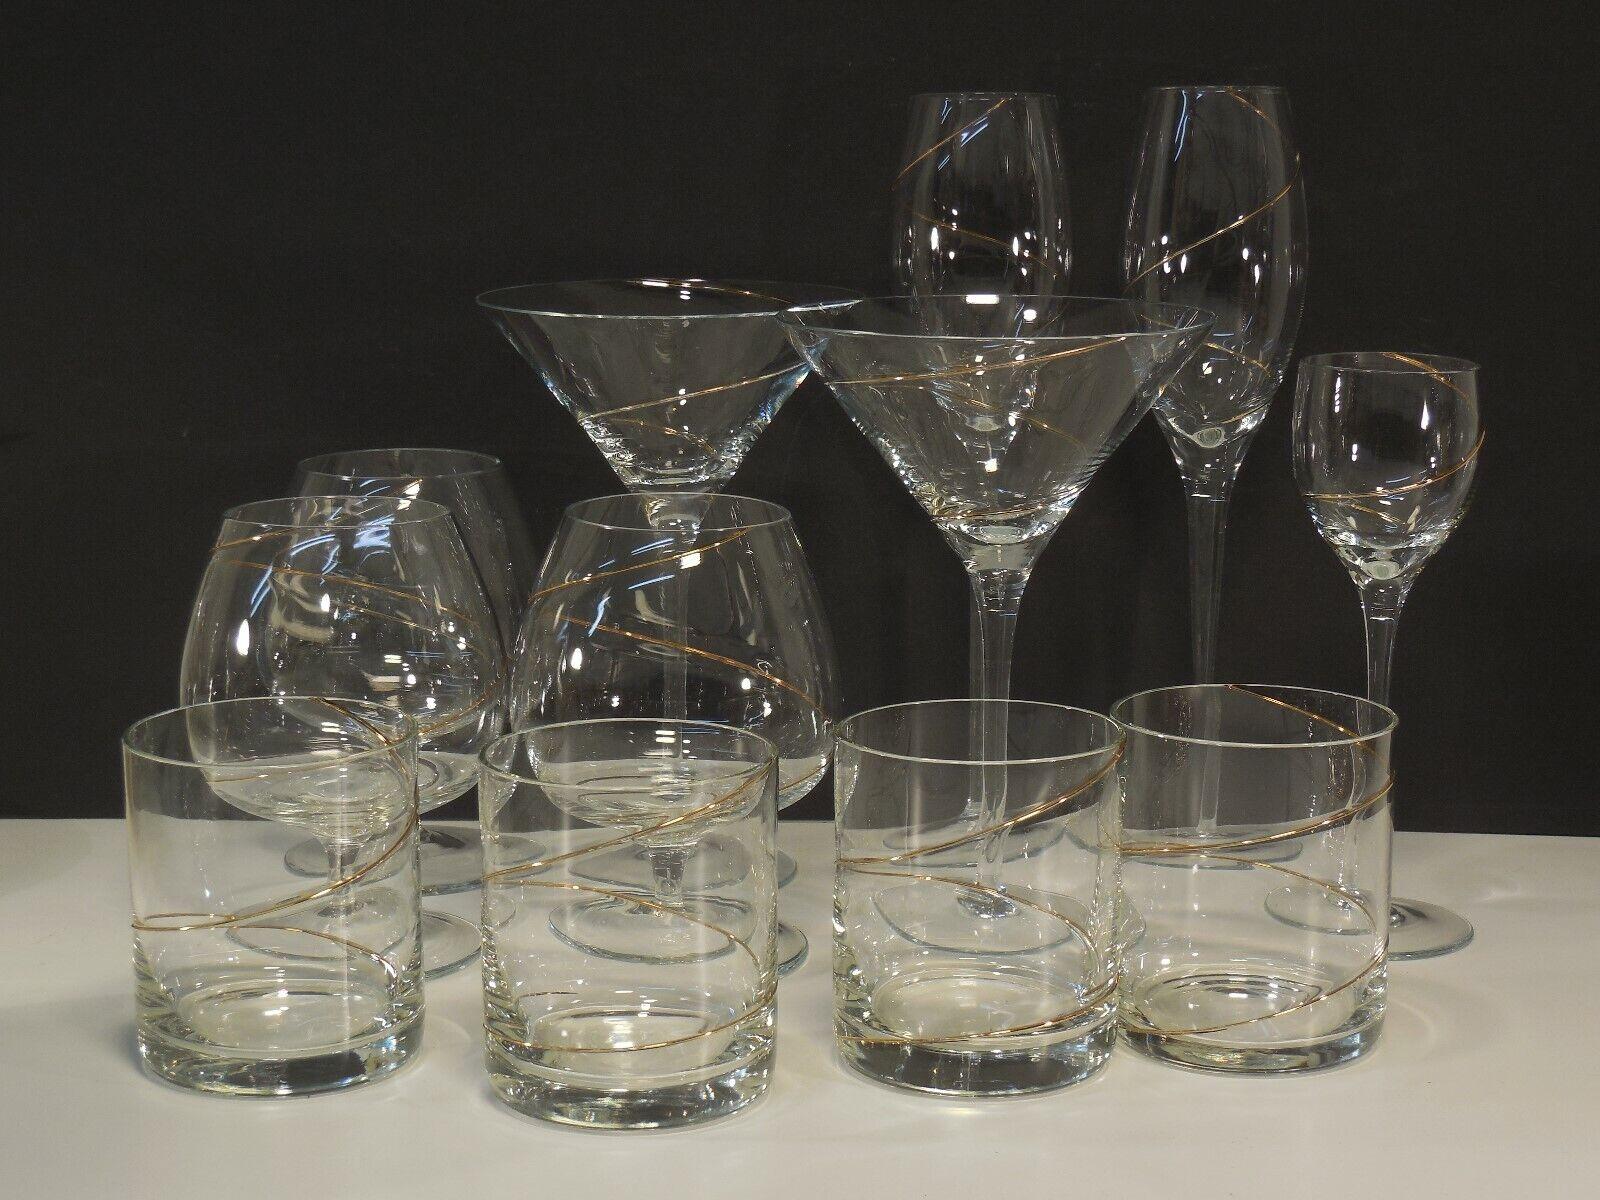 12 Gläser Leonardo Flirt Strada Goldspirale Glas Sekt Coctail Bier Saft Likör..